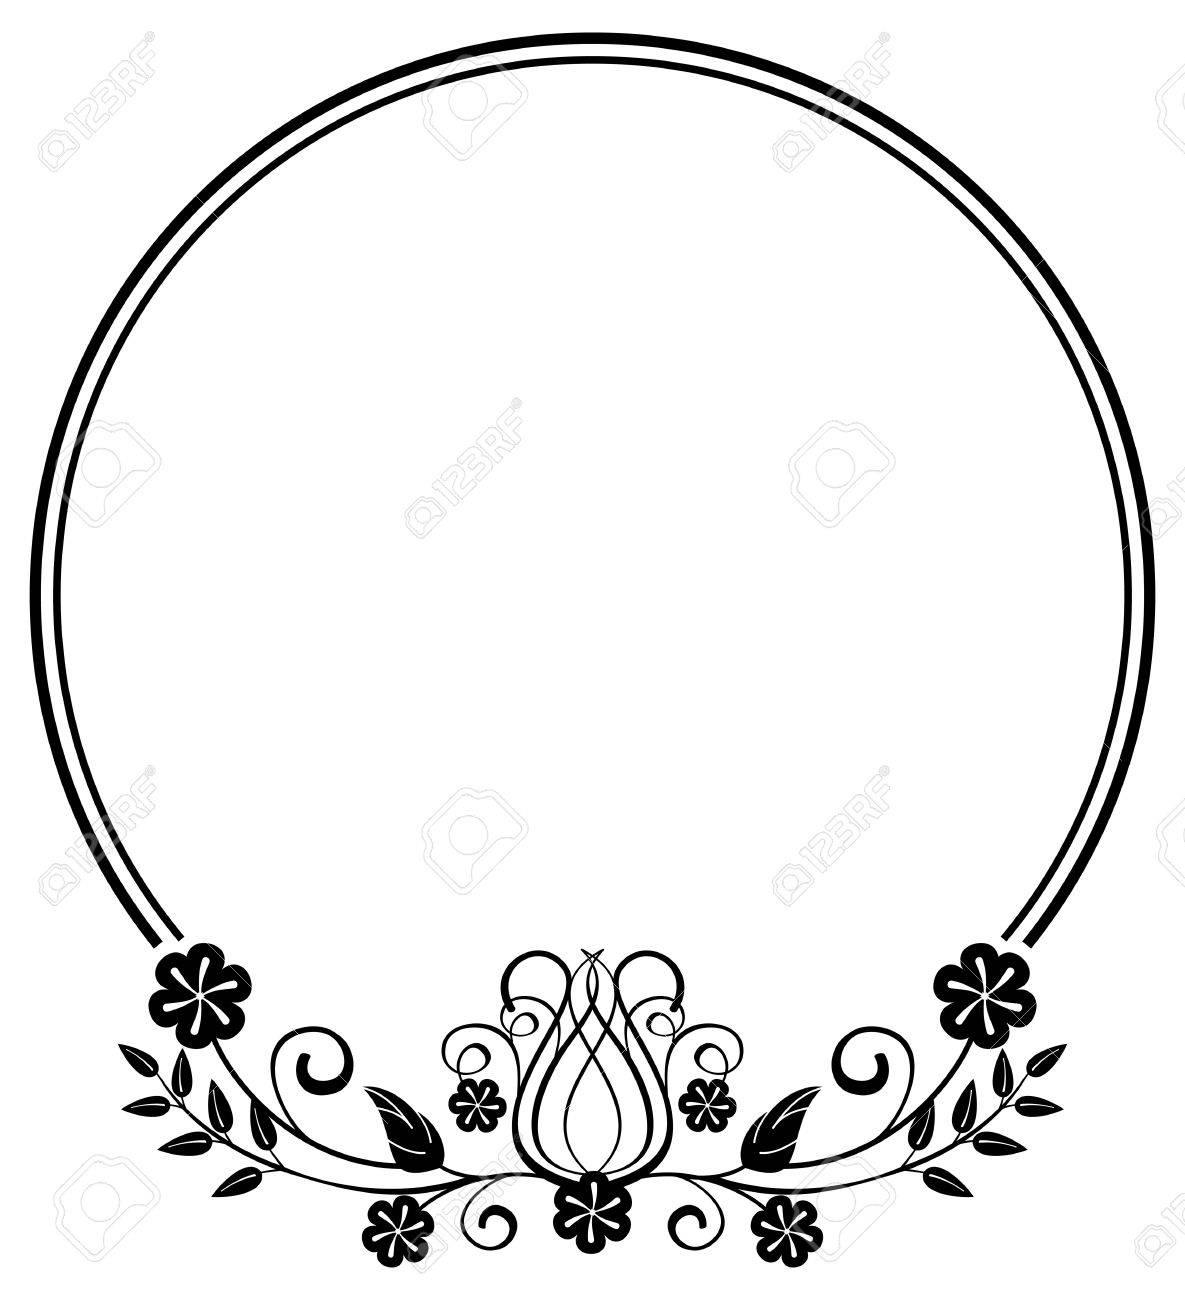 Schwarze Und Weiße Runde Rahmen Mit Floralen Silhouetten. Kopieren ...